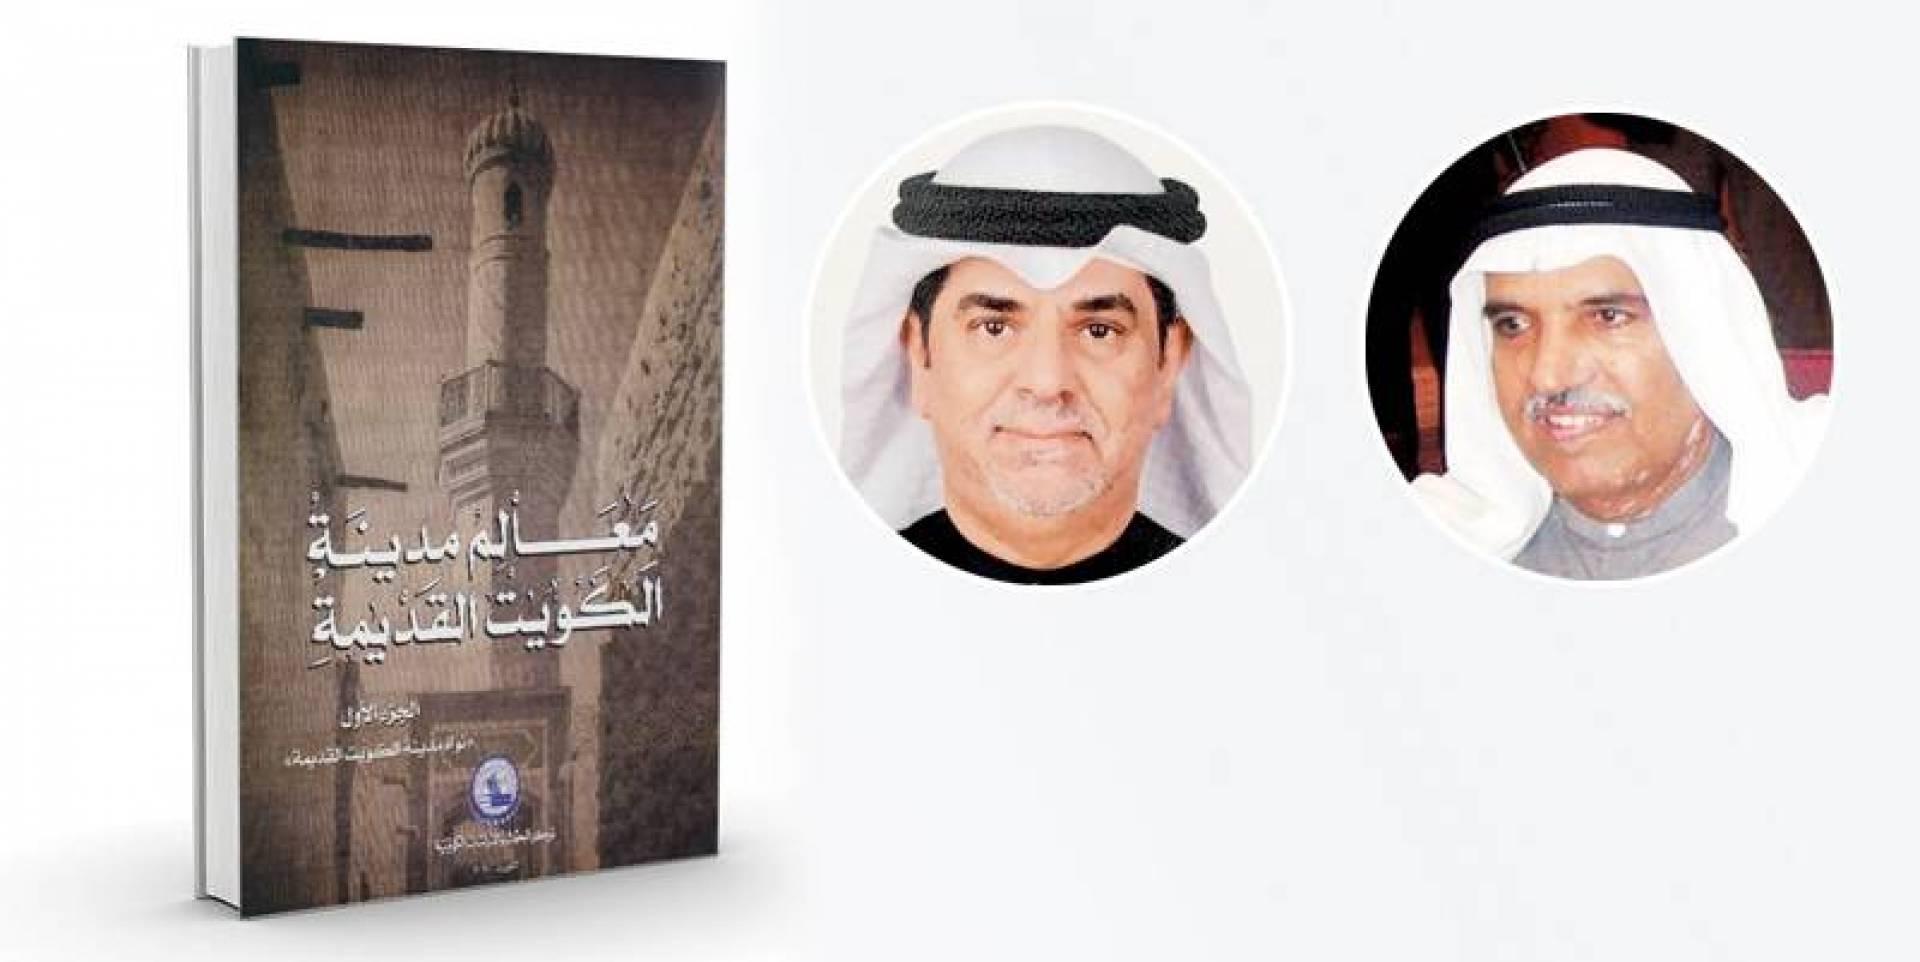 د. عبدالله الغنيم - صلاح الفاضل